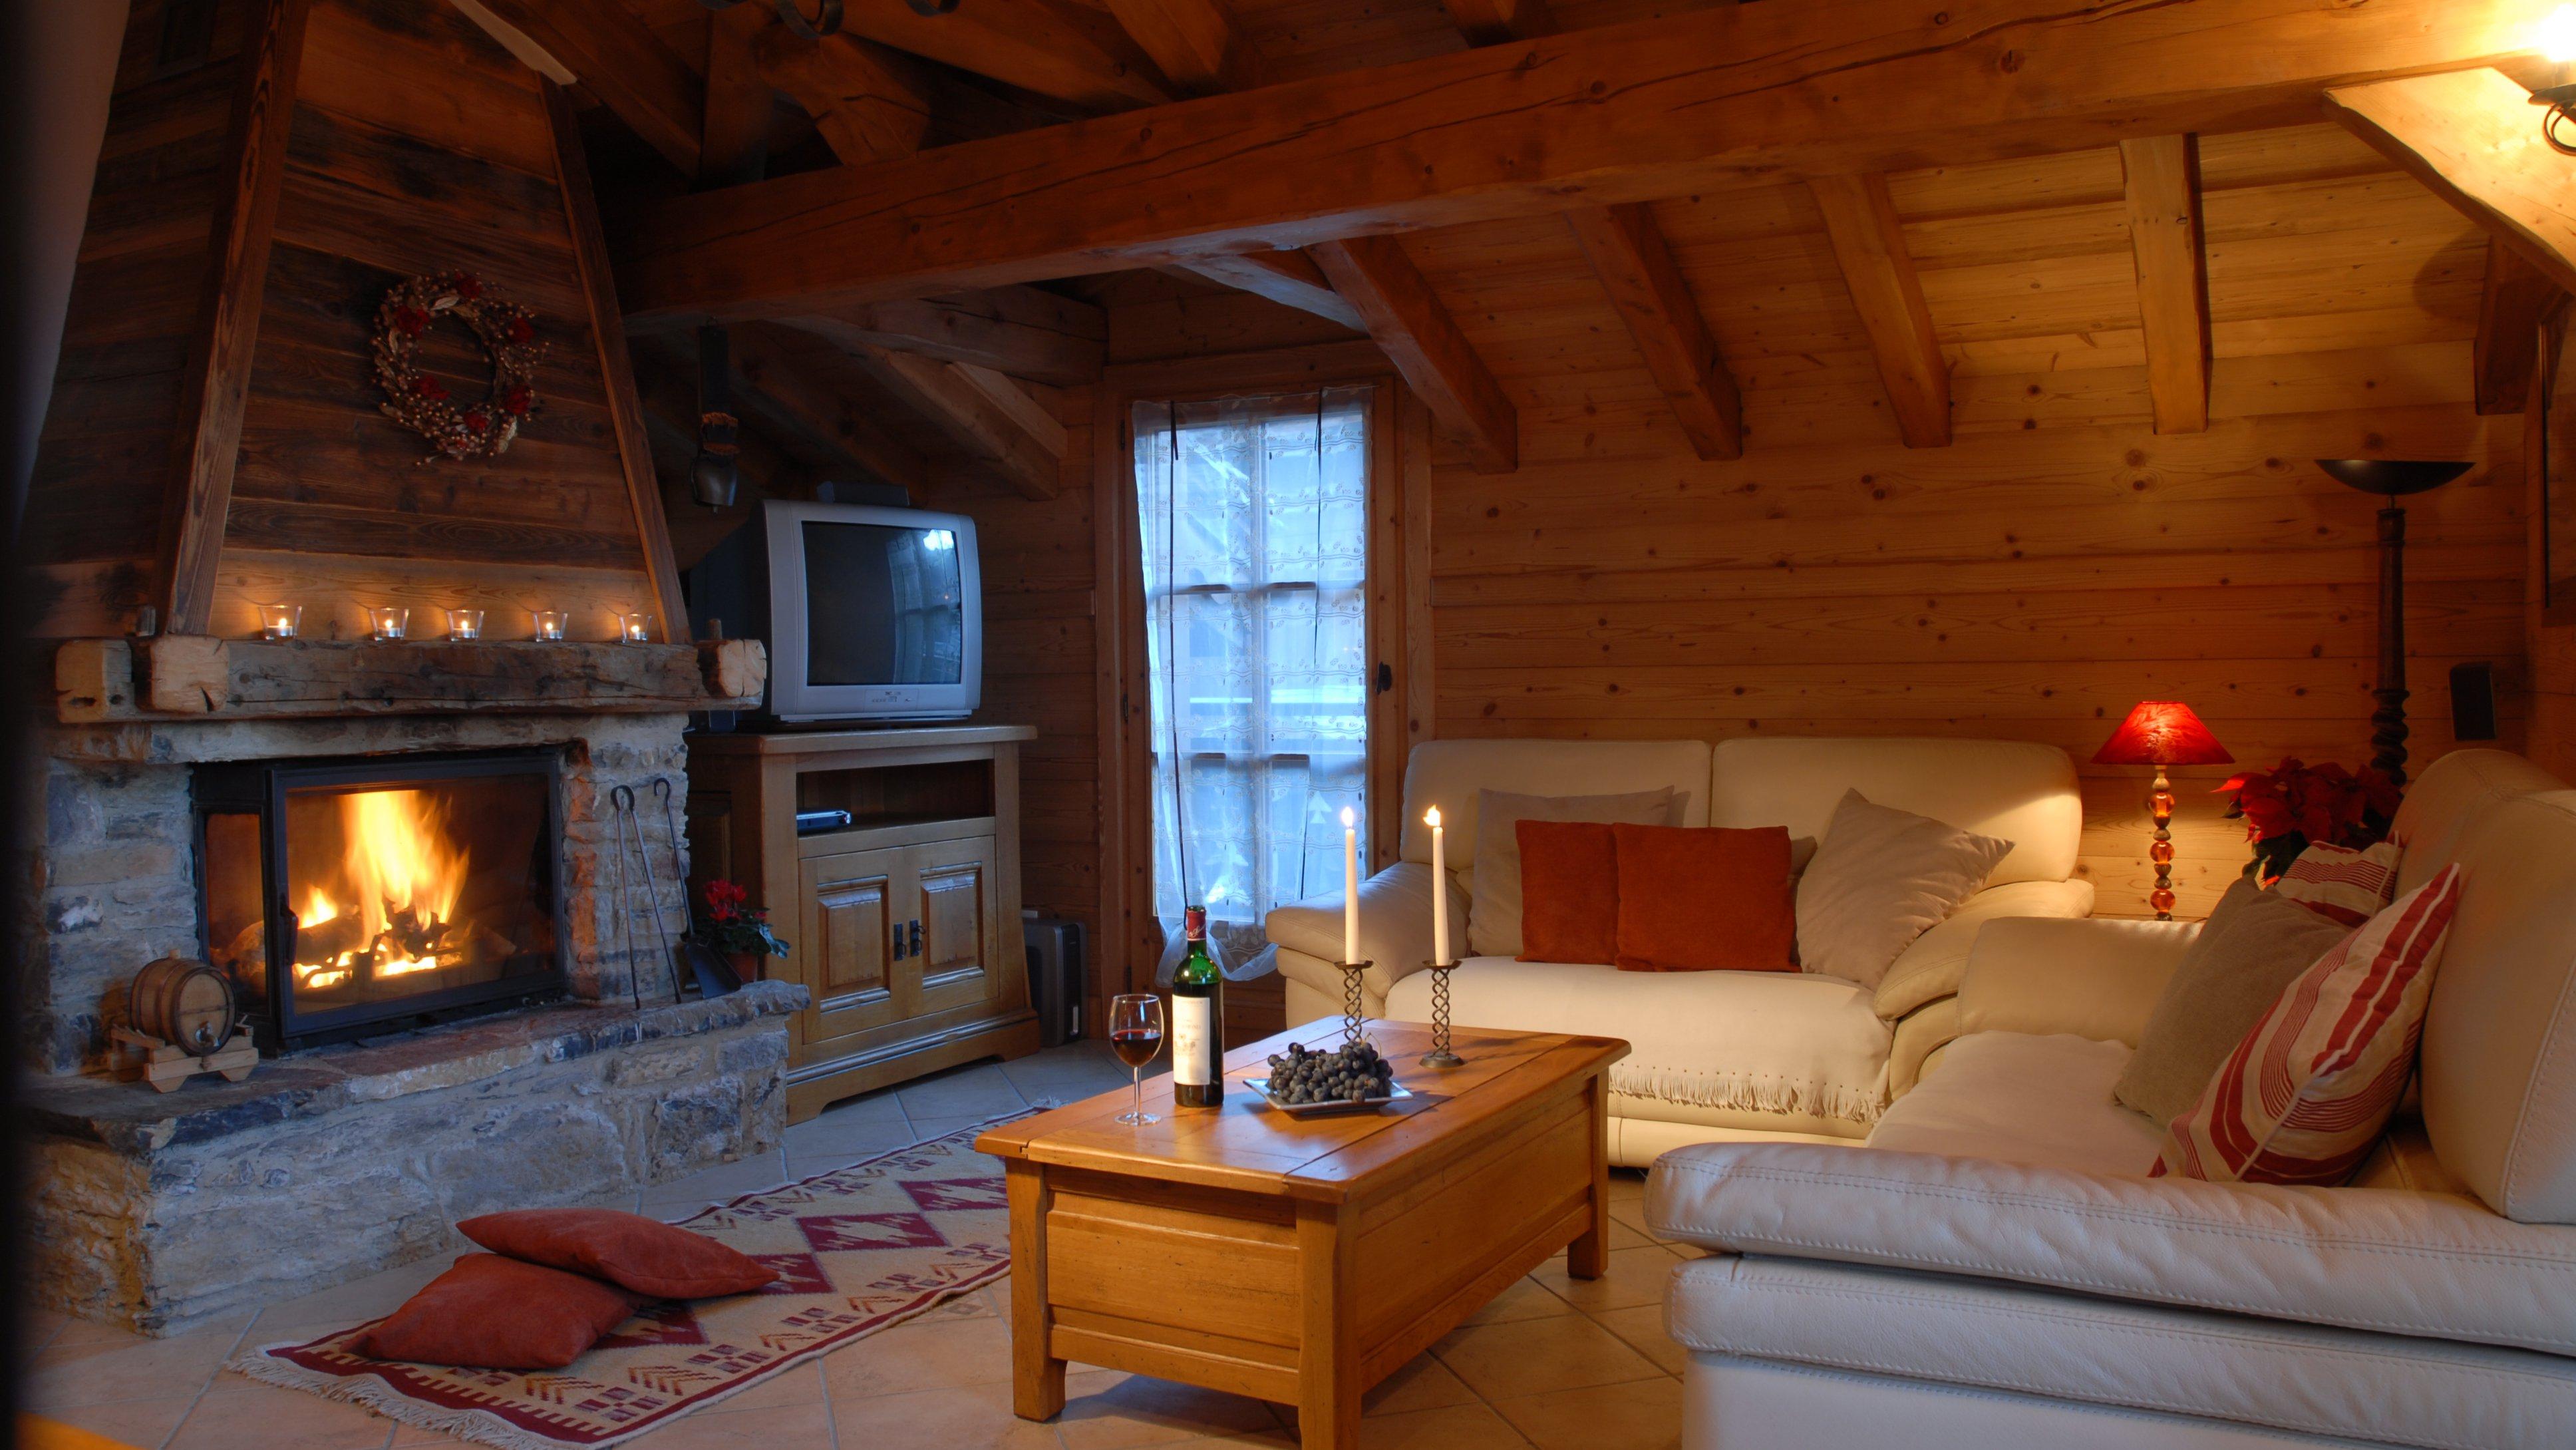 bureau virtuel reims bureau virtuel de reims 28 images bureau virtuel bureau virtuel reims. Black Bedroom Furniture Sets. Home Design Ideas